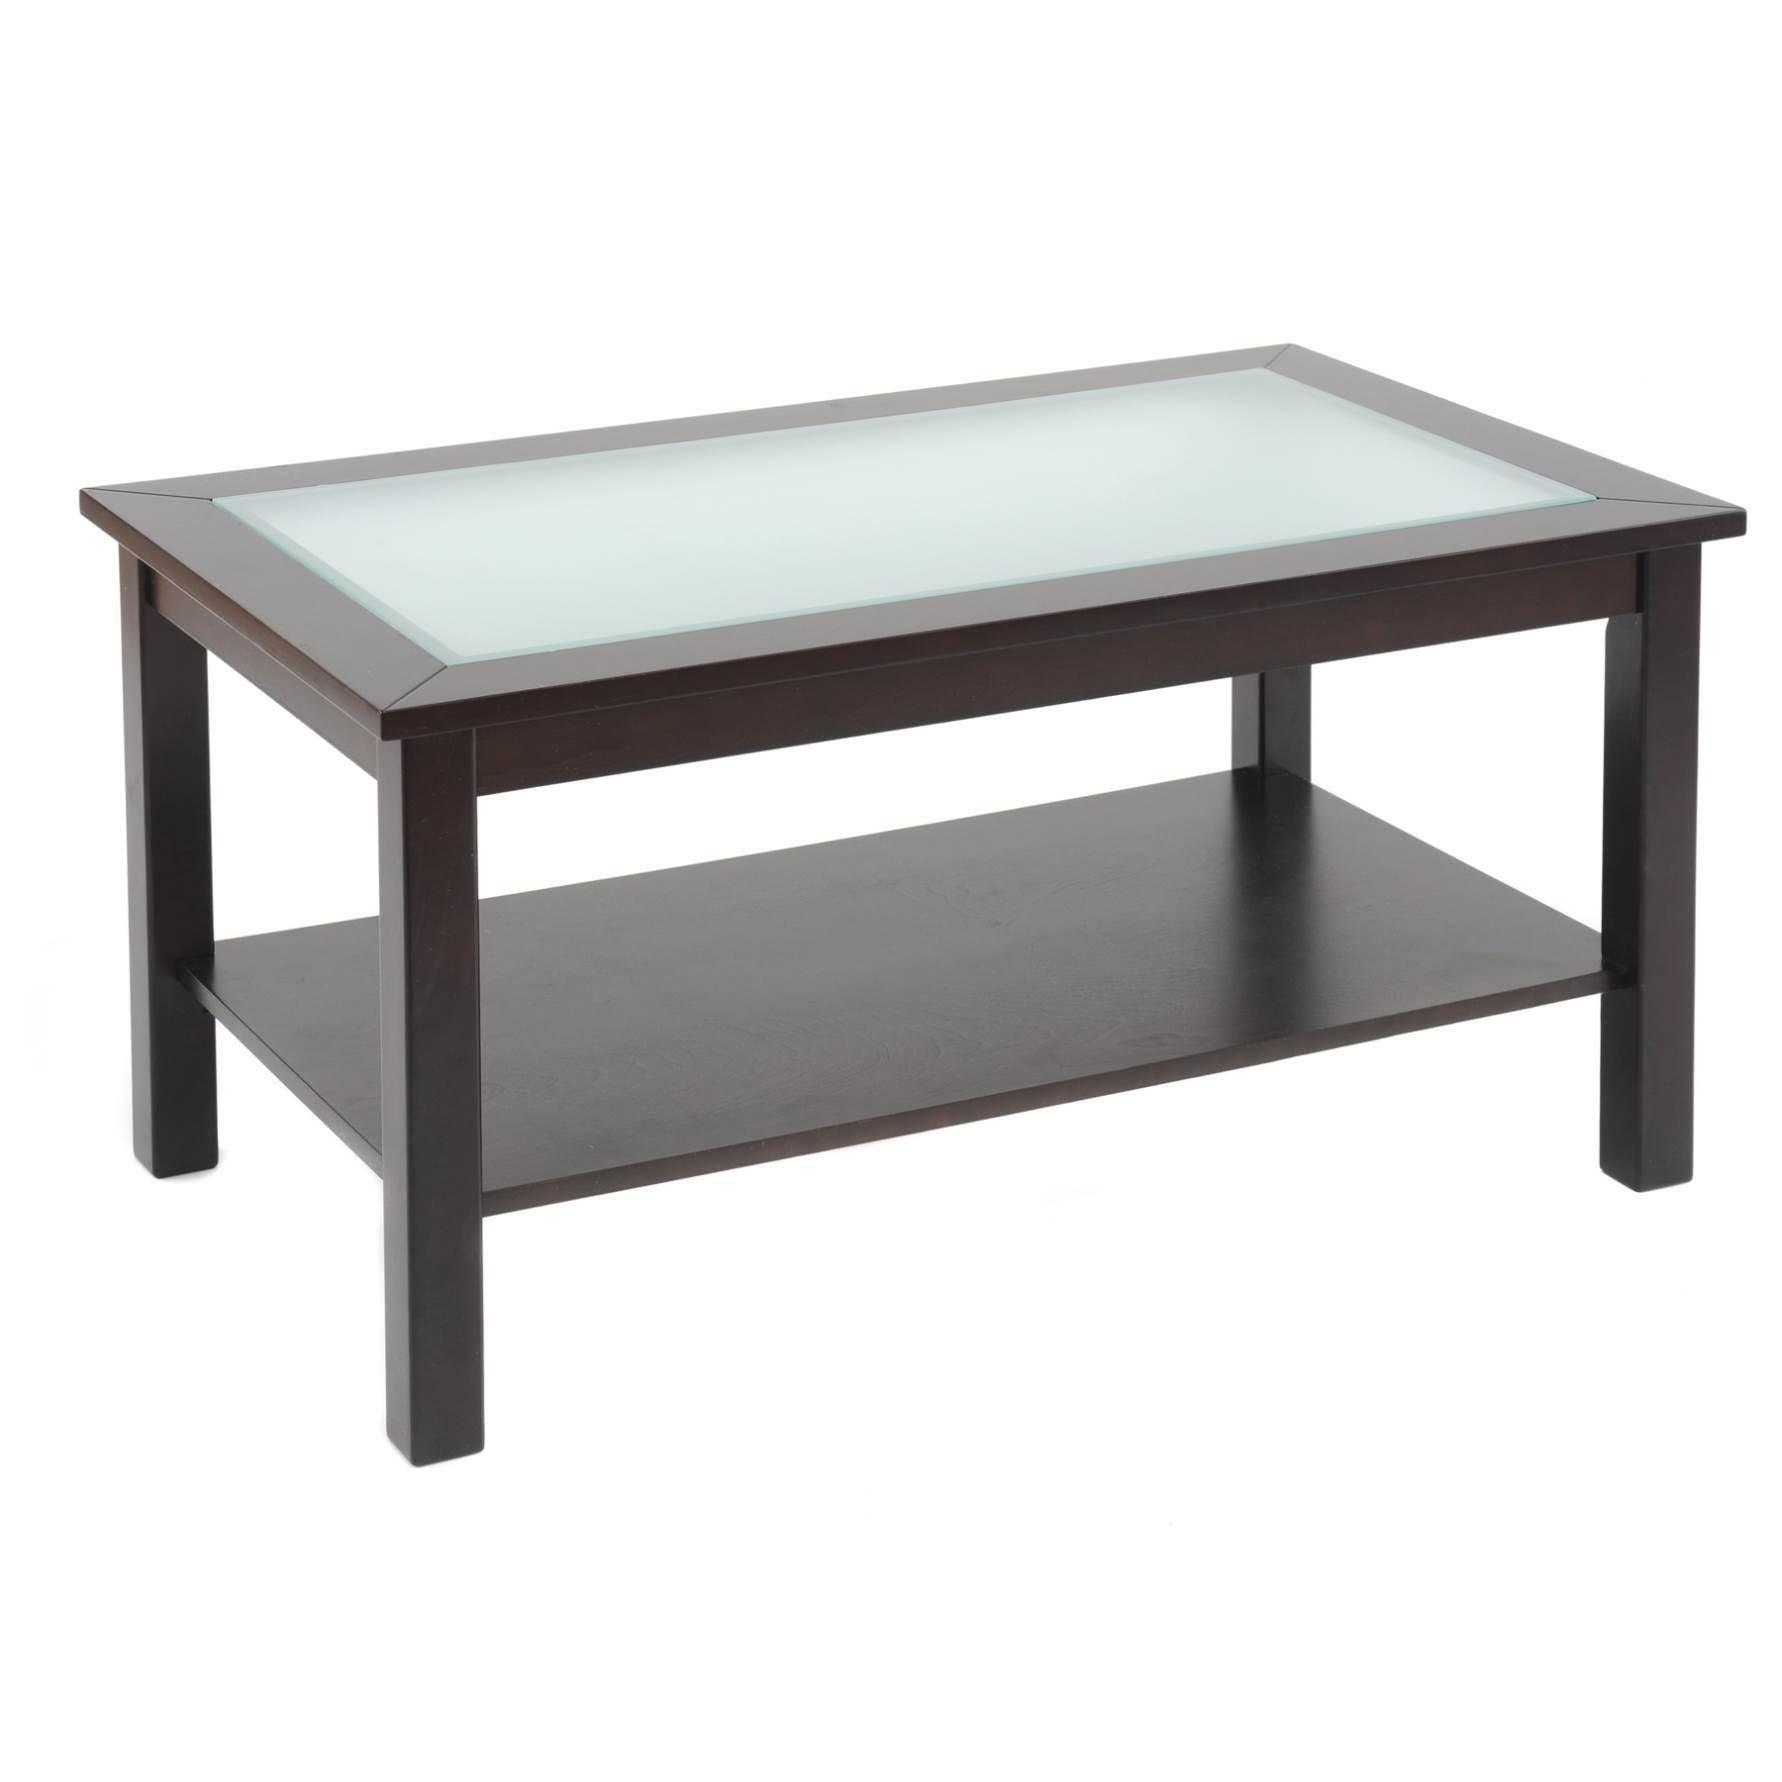 Glass Display Coffee Table Ikea Iron Coffee Table Coffee Table Square Coffee Table [ 1782 x 1782 Pixel ]